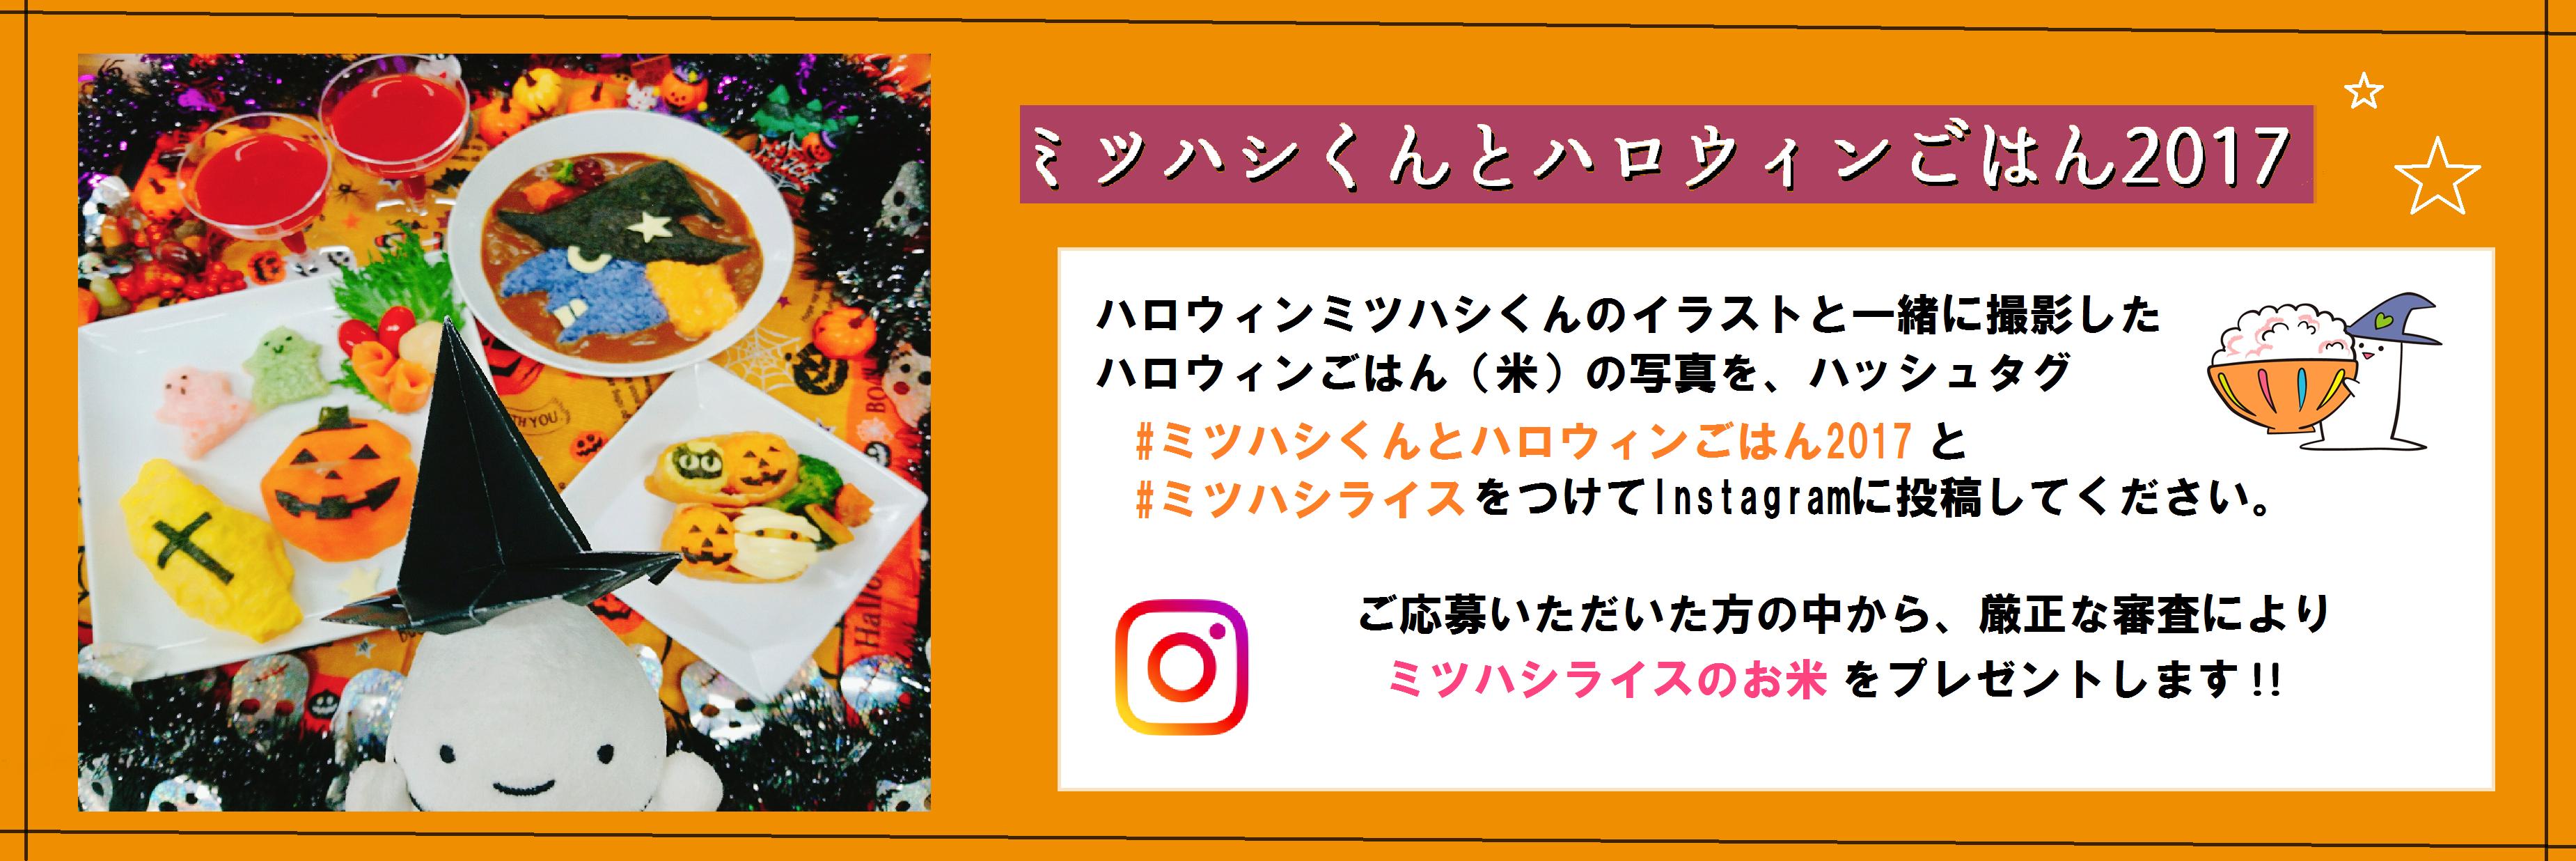 Instagram ミツハシくんとおうちごはんキャンペーン